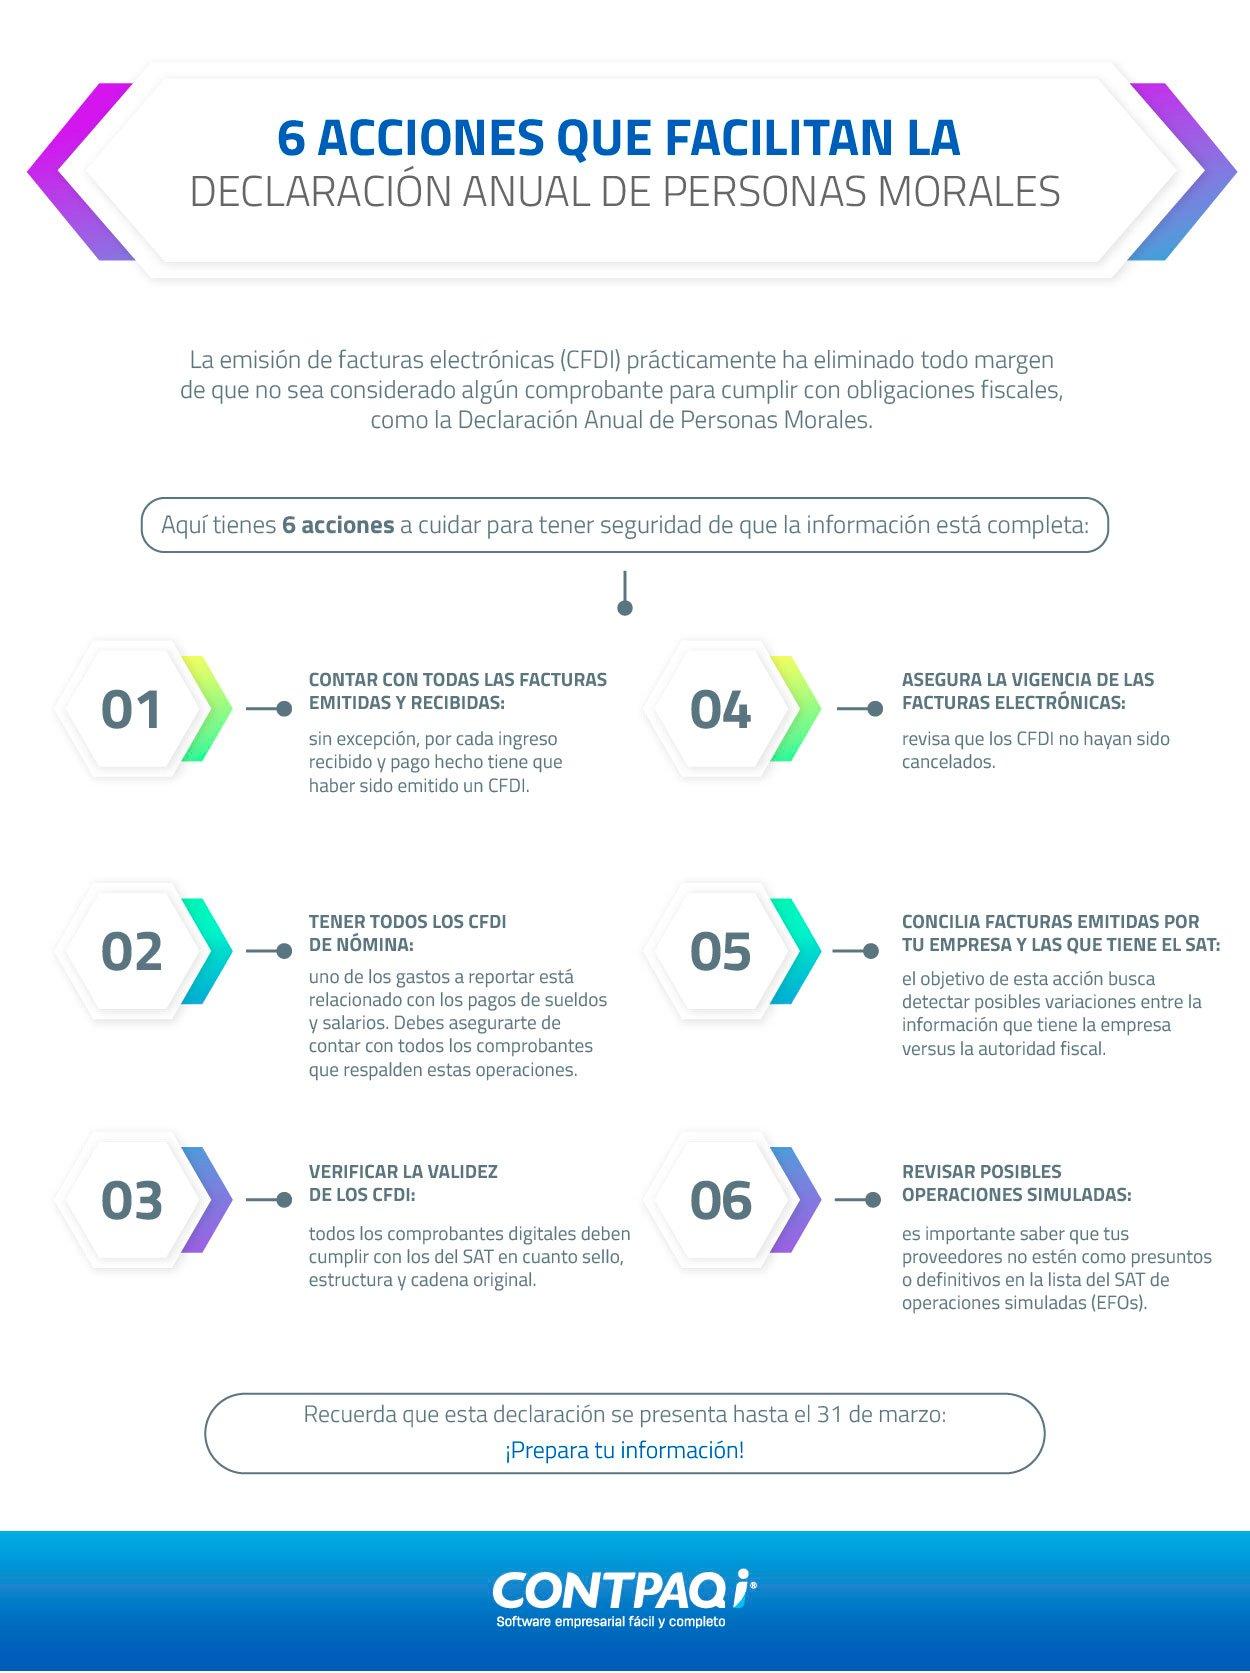 Infografia 6 acciones que facilitan presentar la Declaración Anual Personas Morales